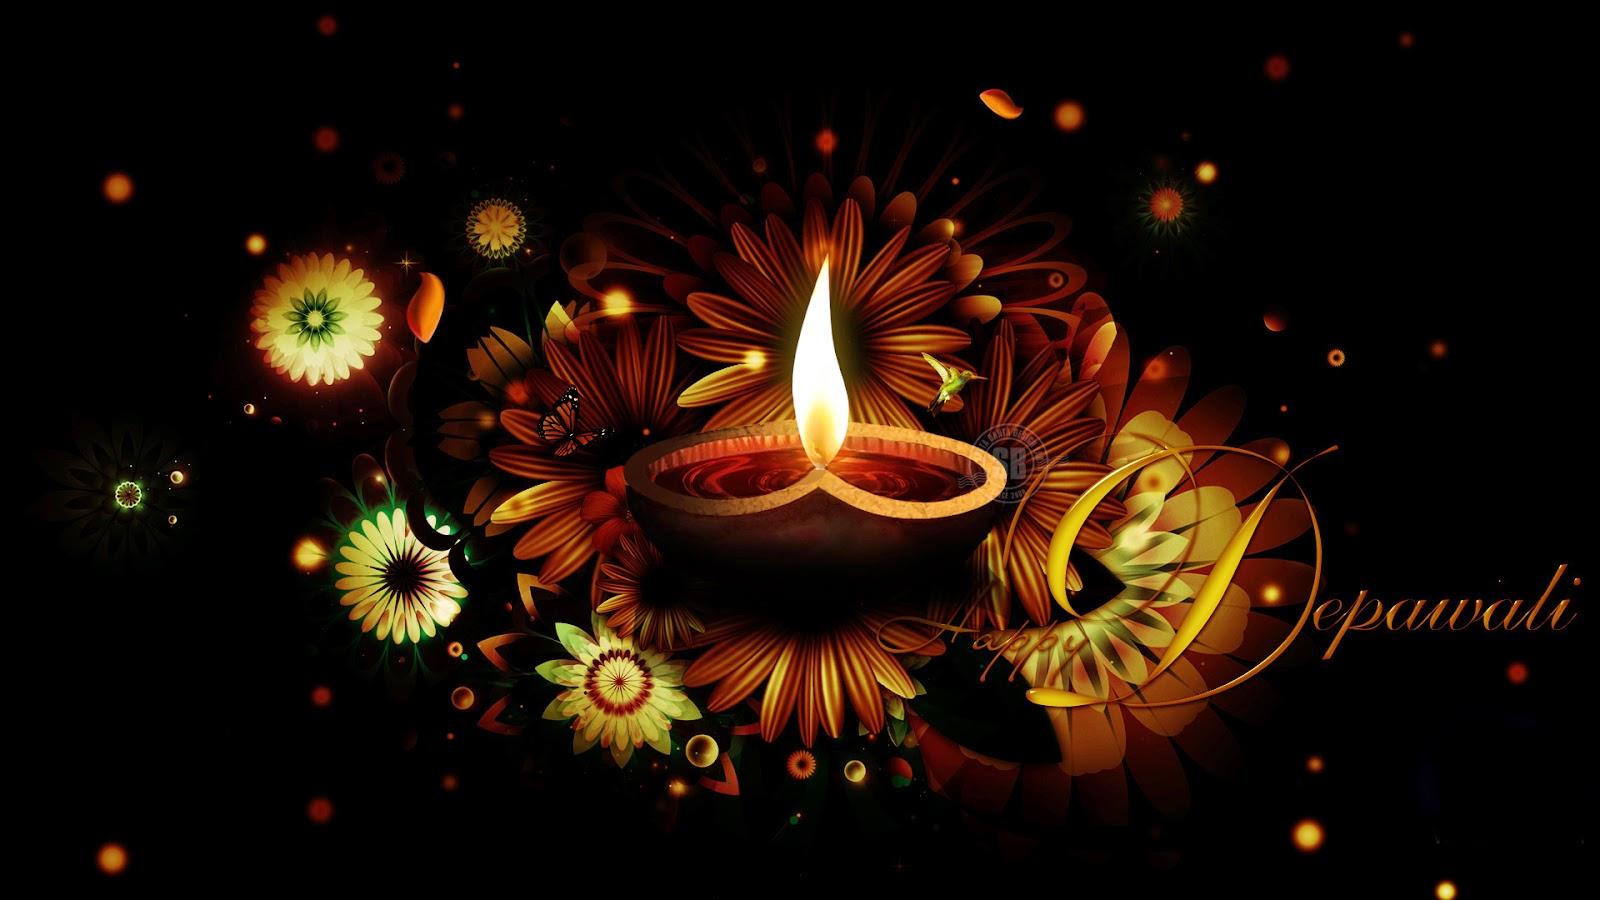 Diwali Advance Wishes Diwali 2014 Greetings Wishes For Whatsapp